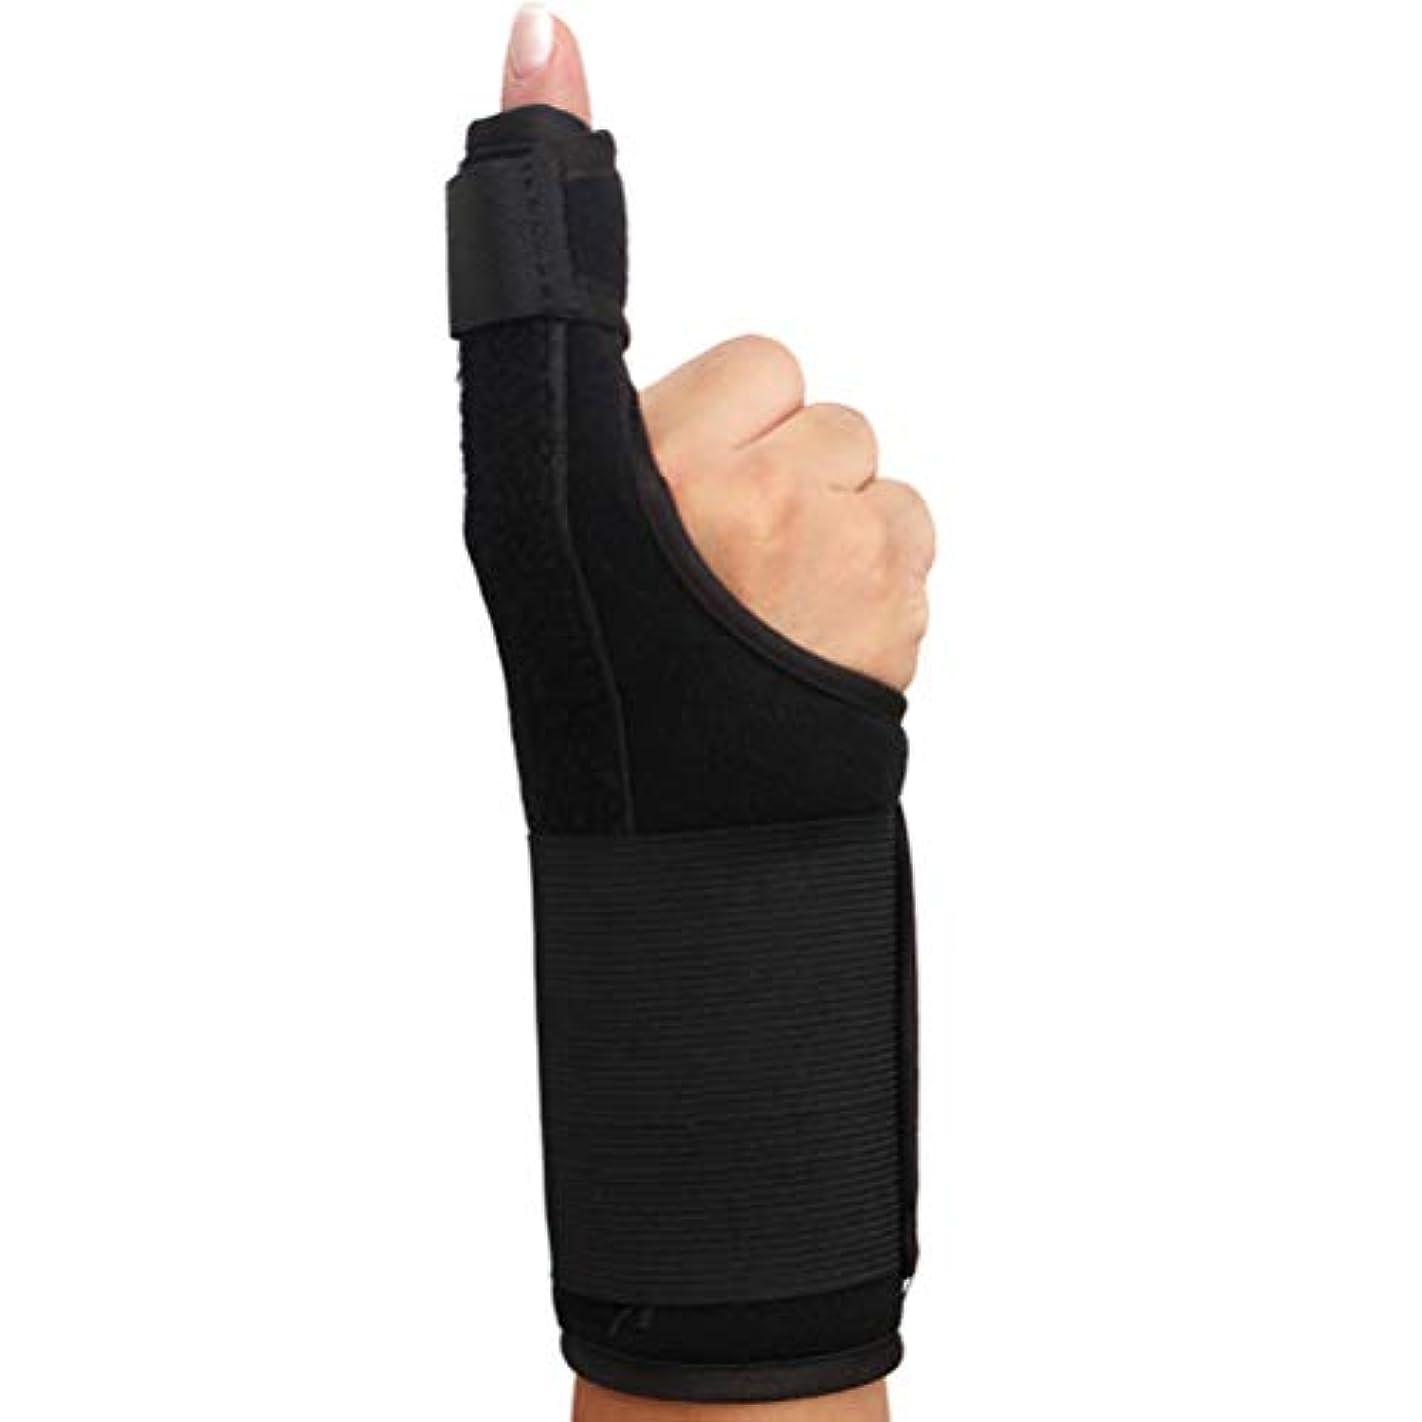 犠牲ドラッグとげSUPVOXフィンガースプリント関節炎サムスプリントフィンガーブレースサポートガードスプリント矯正壊れた指用リストストラップ